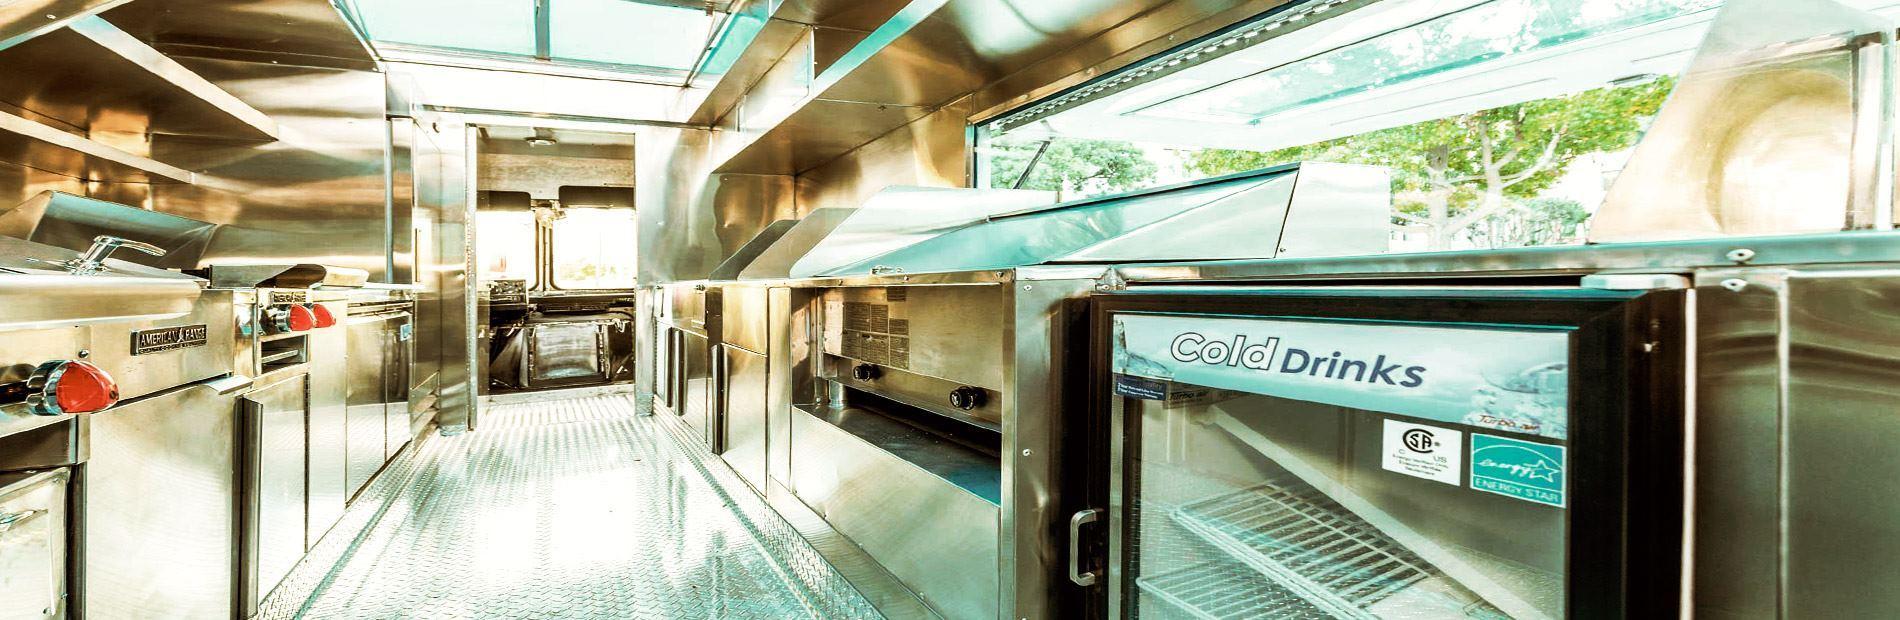 interiores y accesorios para foodtruck y hosteleria en Tarragona